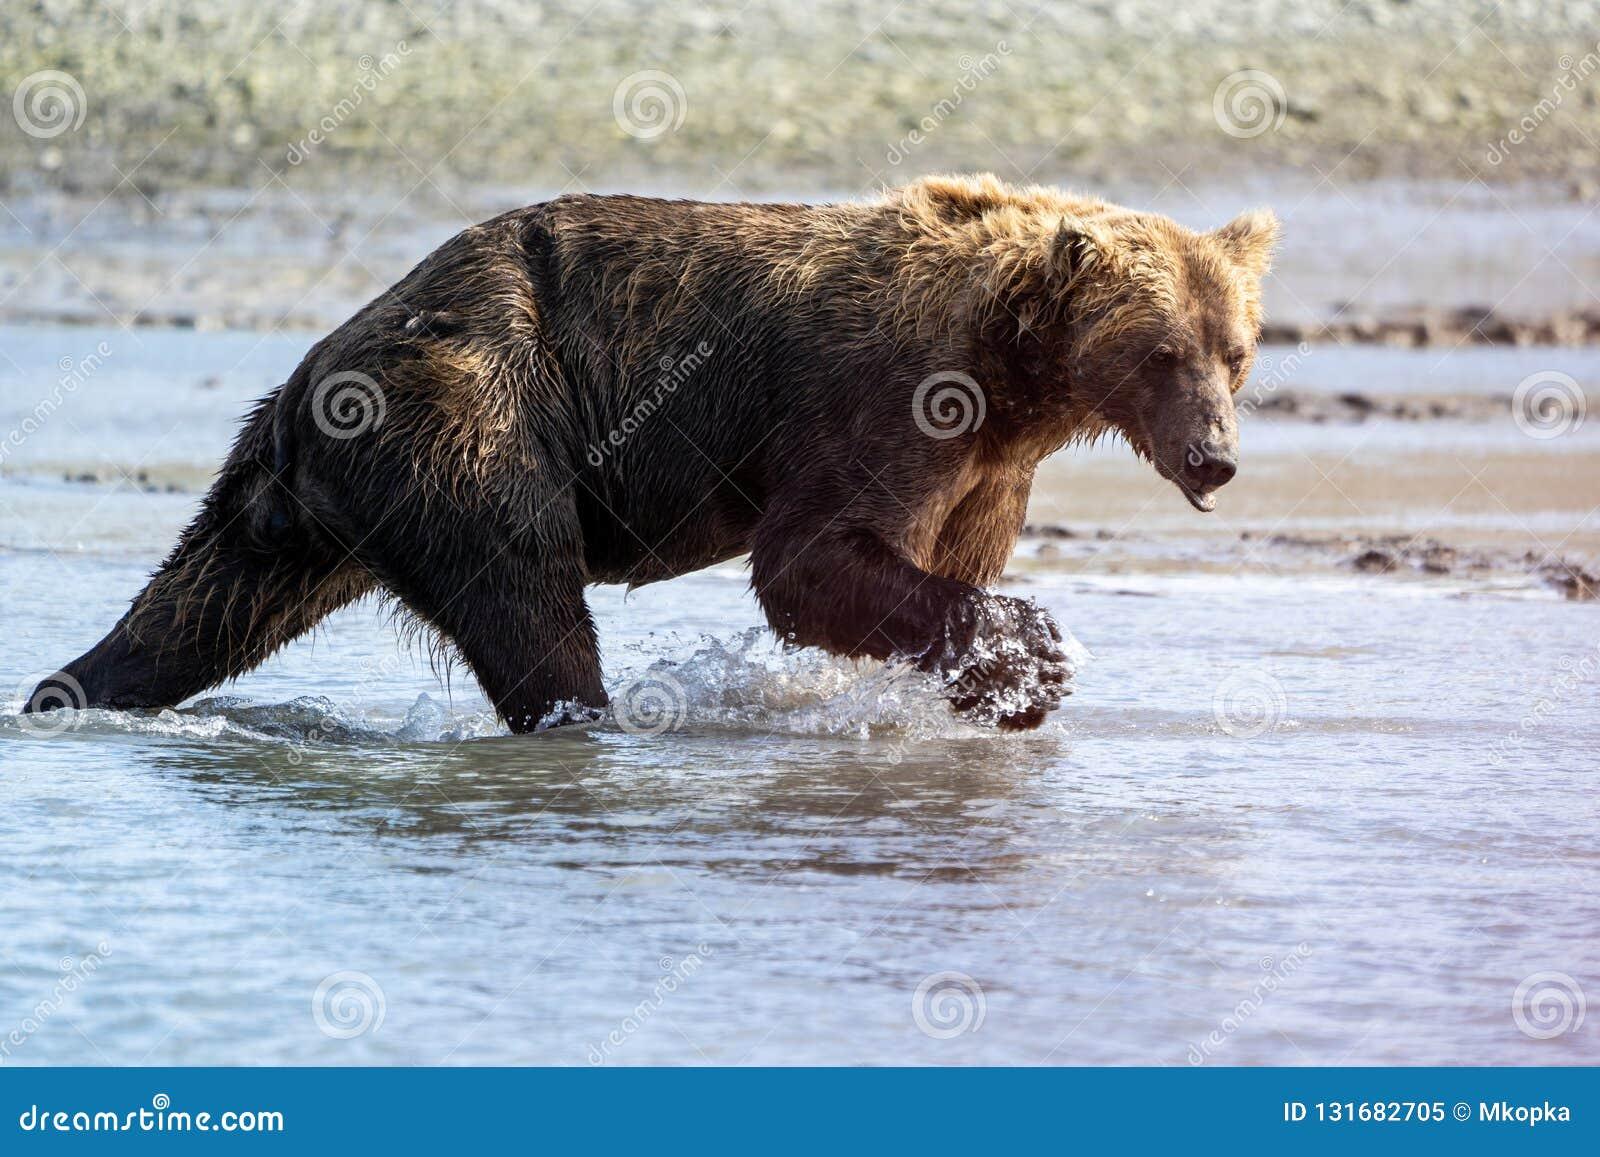 Buscas litorais do Alasca do urso do urso de Brown para peixes em um rio no parque nacional de Katmai, sentando-se em um sandbar